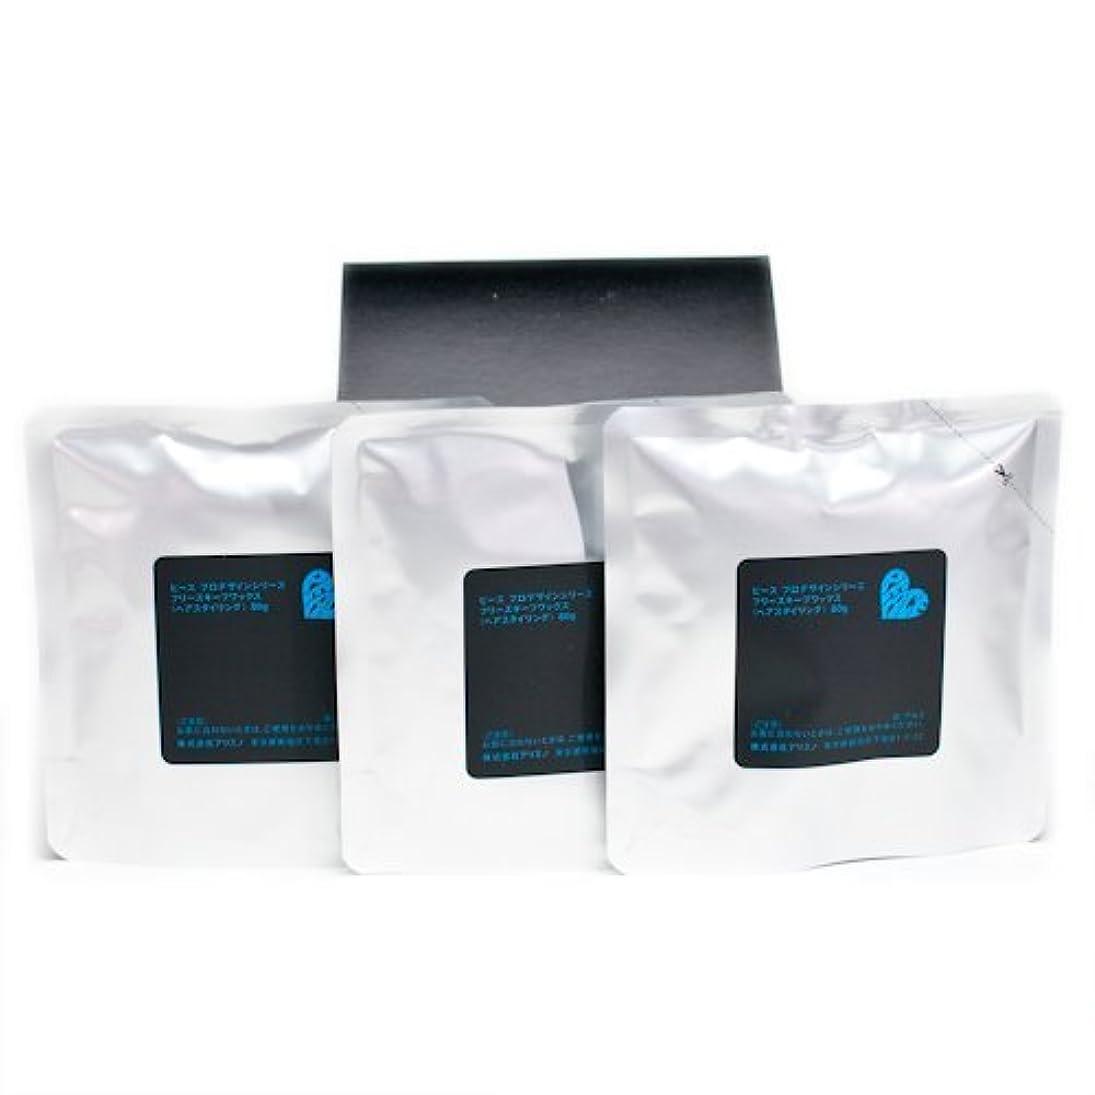 広大な良心的寛容アリミノ ピース フリーズキープワックス (ブラック)80g(業務?詰替用)×3個入り